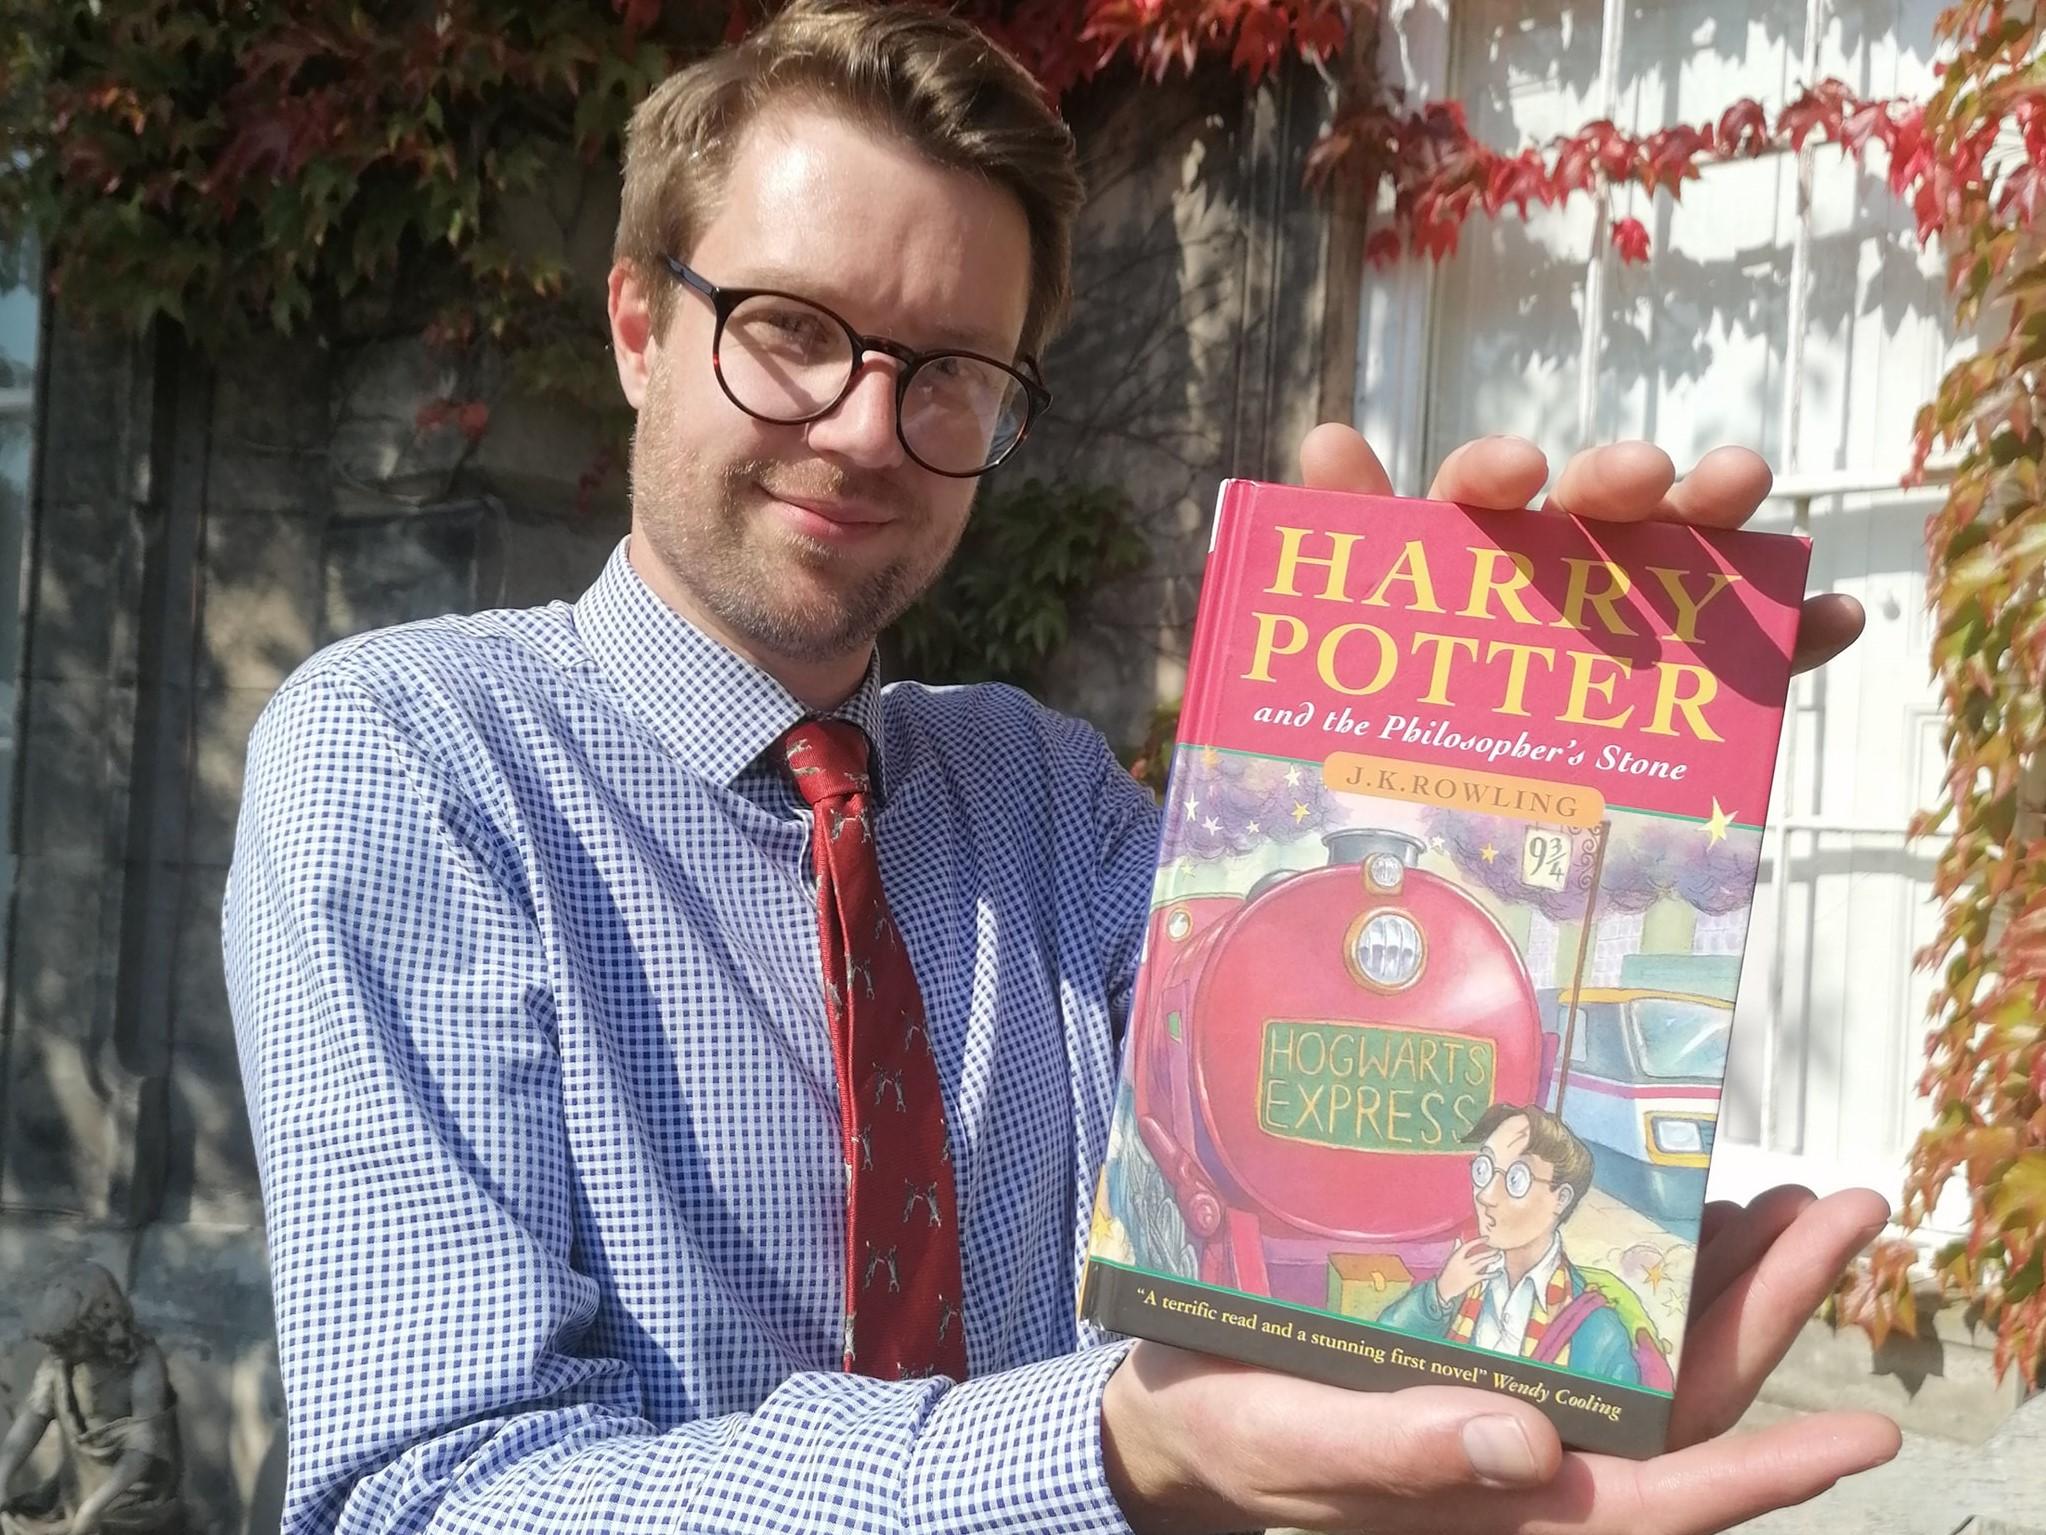 30 millió forintért szerezte meg valaki a Harry Potter első brit kiadását